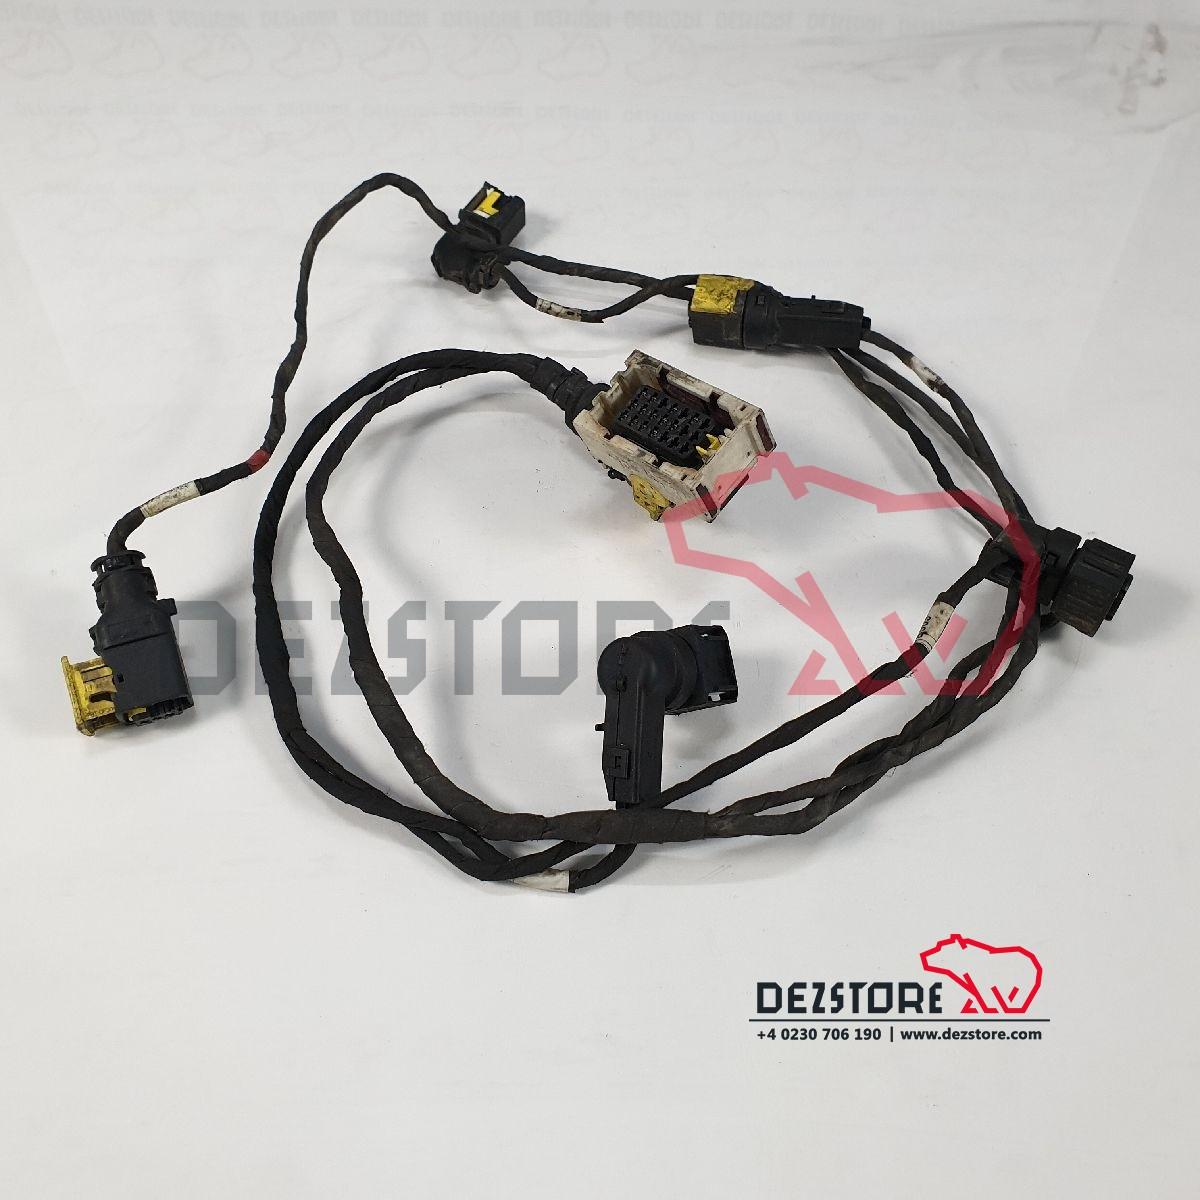 INSTALATIE ELECTRICA CUTIE DE VITEZE MERCEDES ACTROS MP4 (AUTOMATA FARA INT)